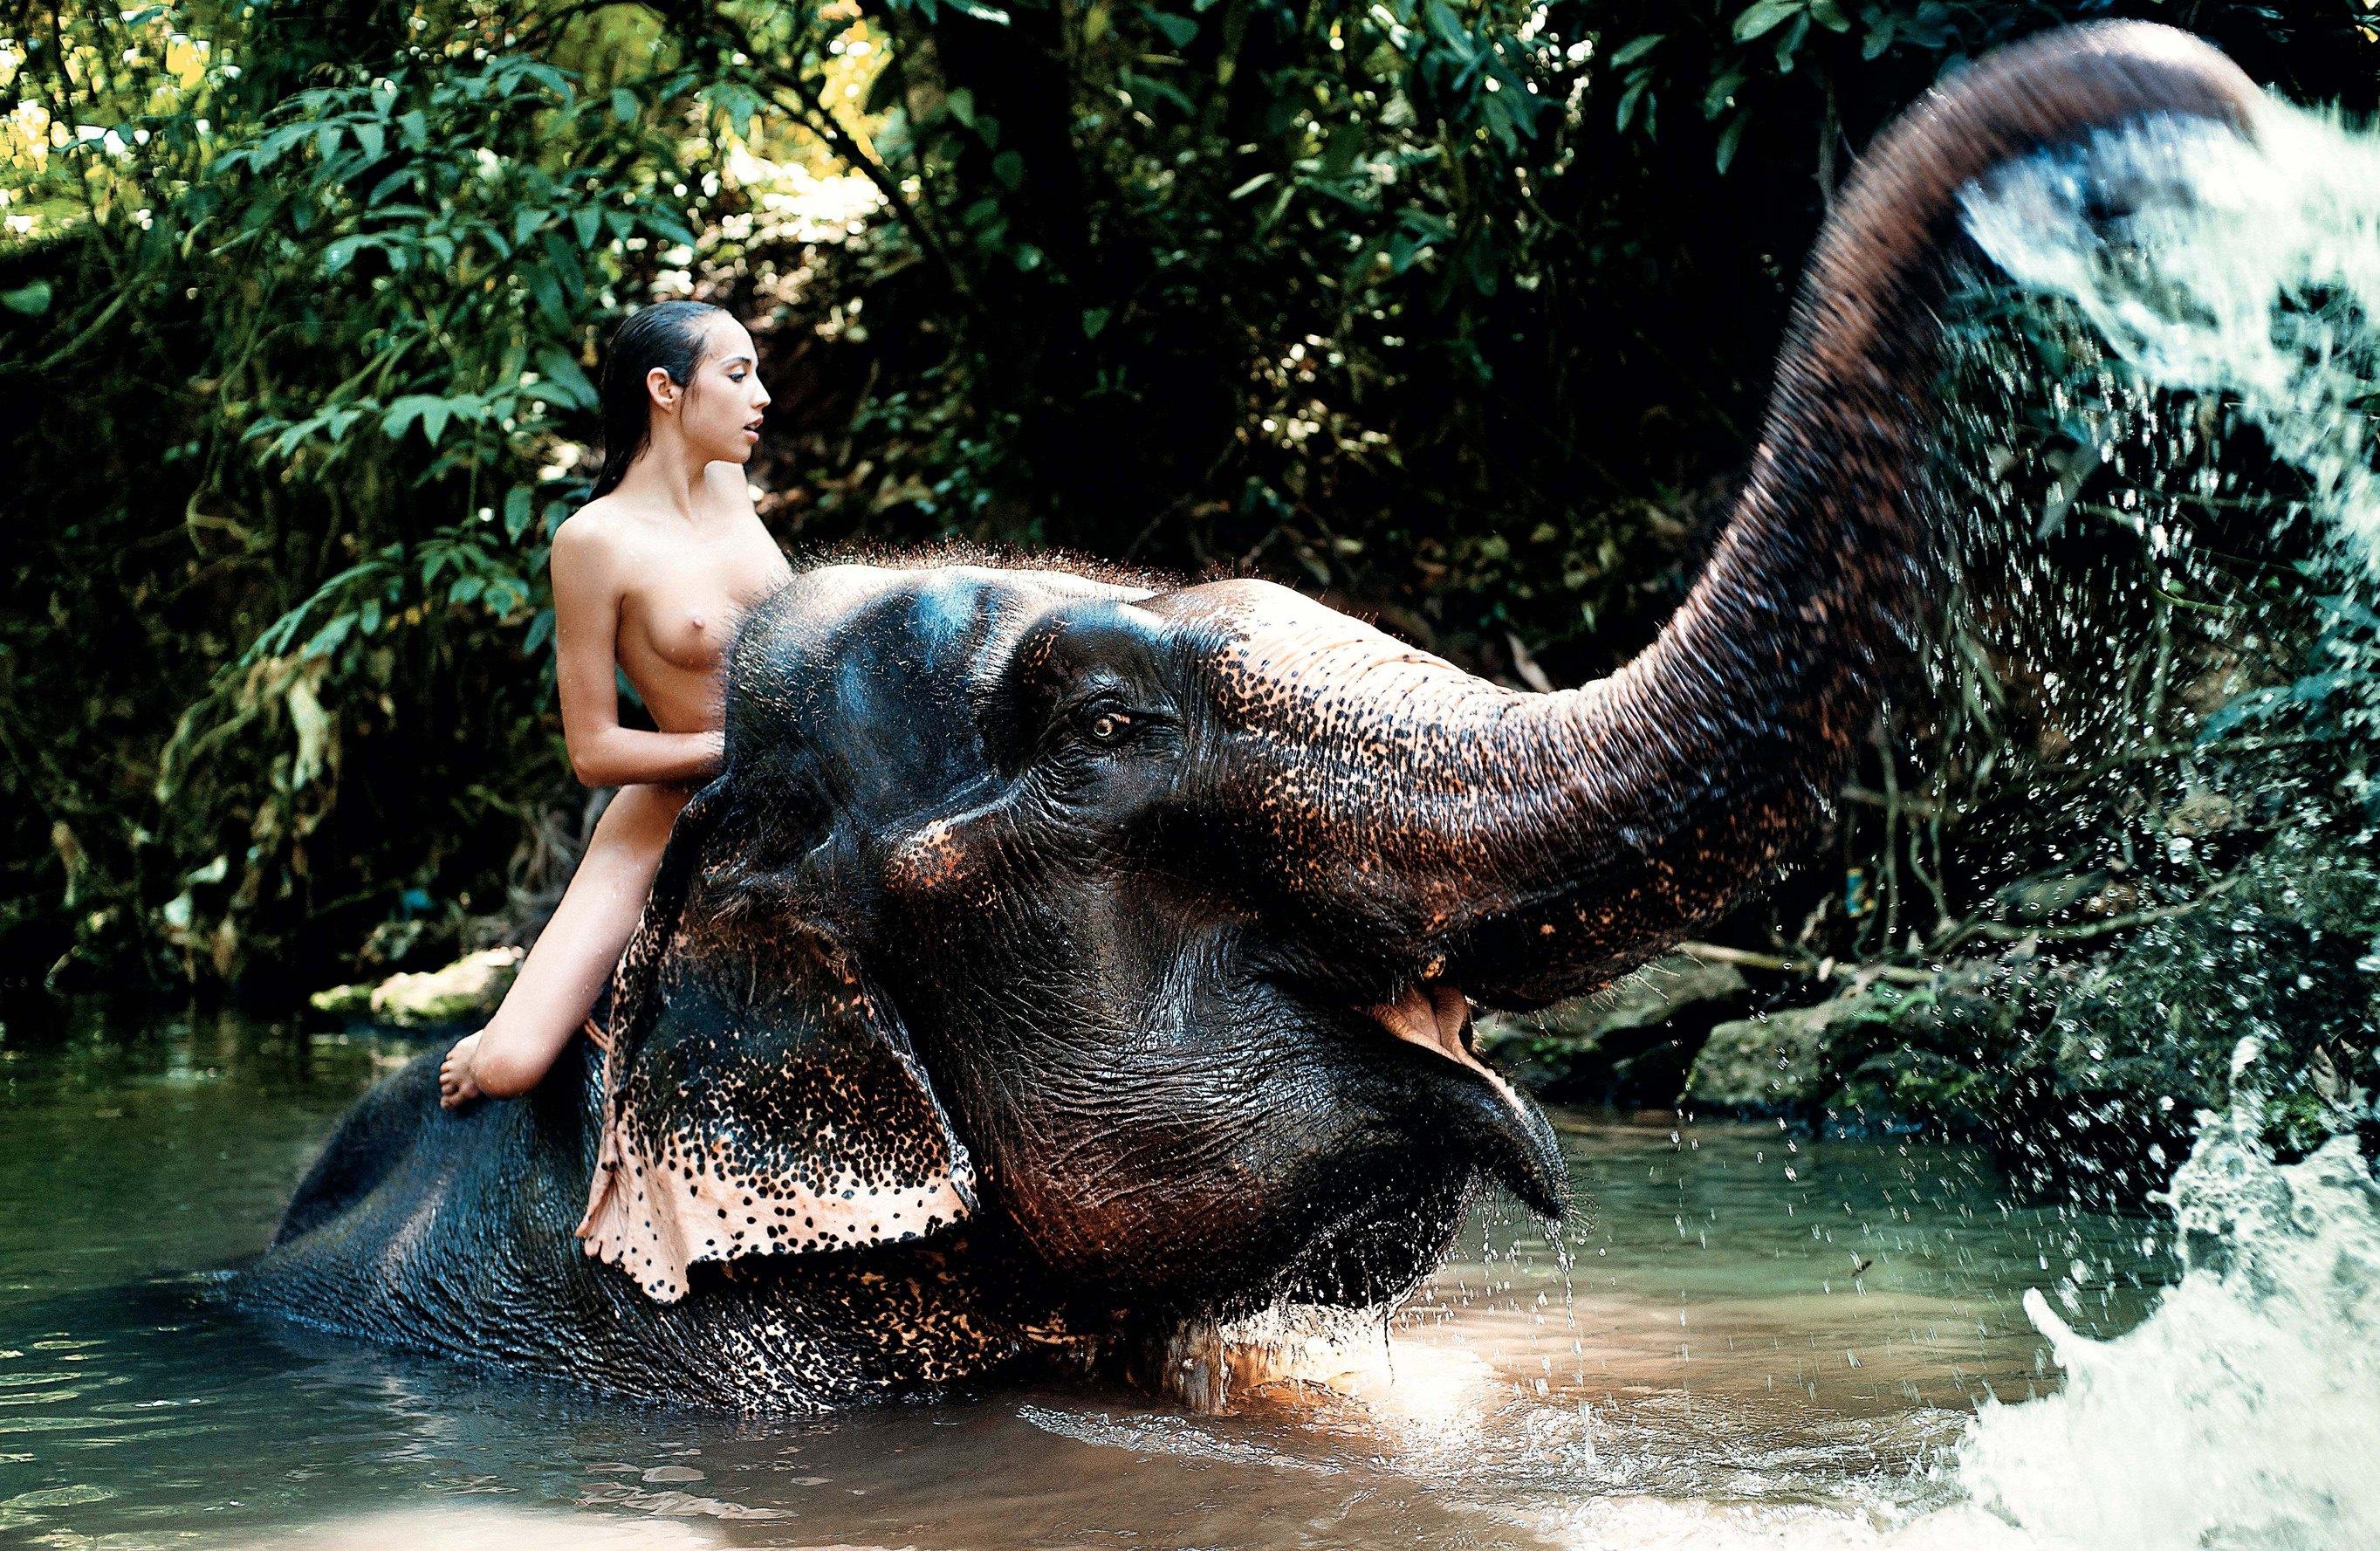 Девушка на слоне - Анастасия Дым, фотограф Андрей Разумовский в журнале XXL Россия, май 2012